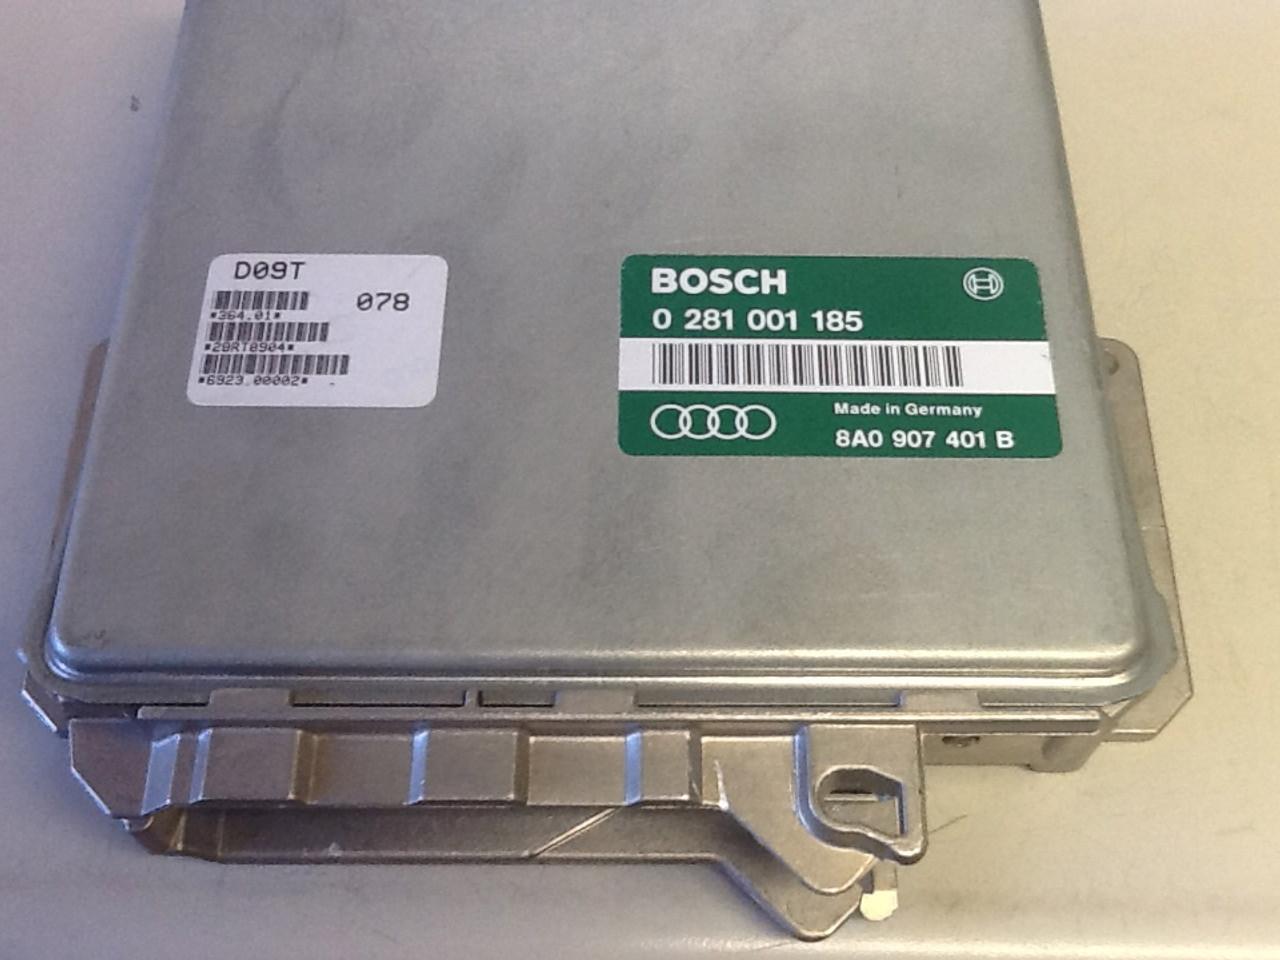 Audi Avant 1.9 TDi 0281001185 8A0907401B 0 281 001185 8A0 907 401 B